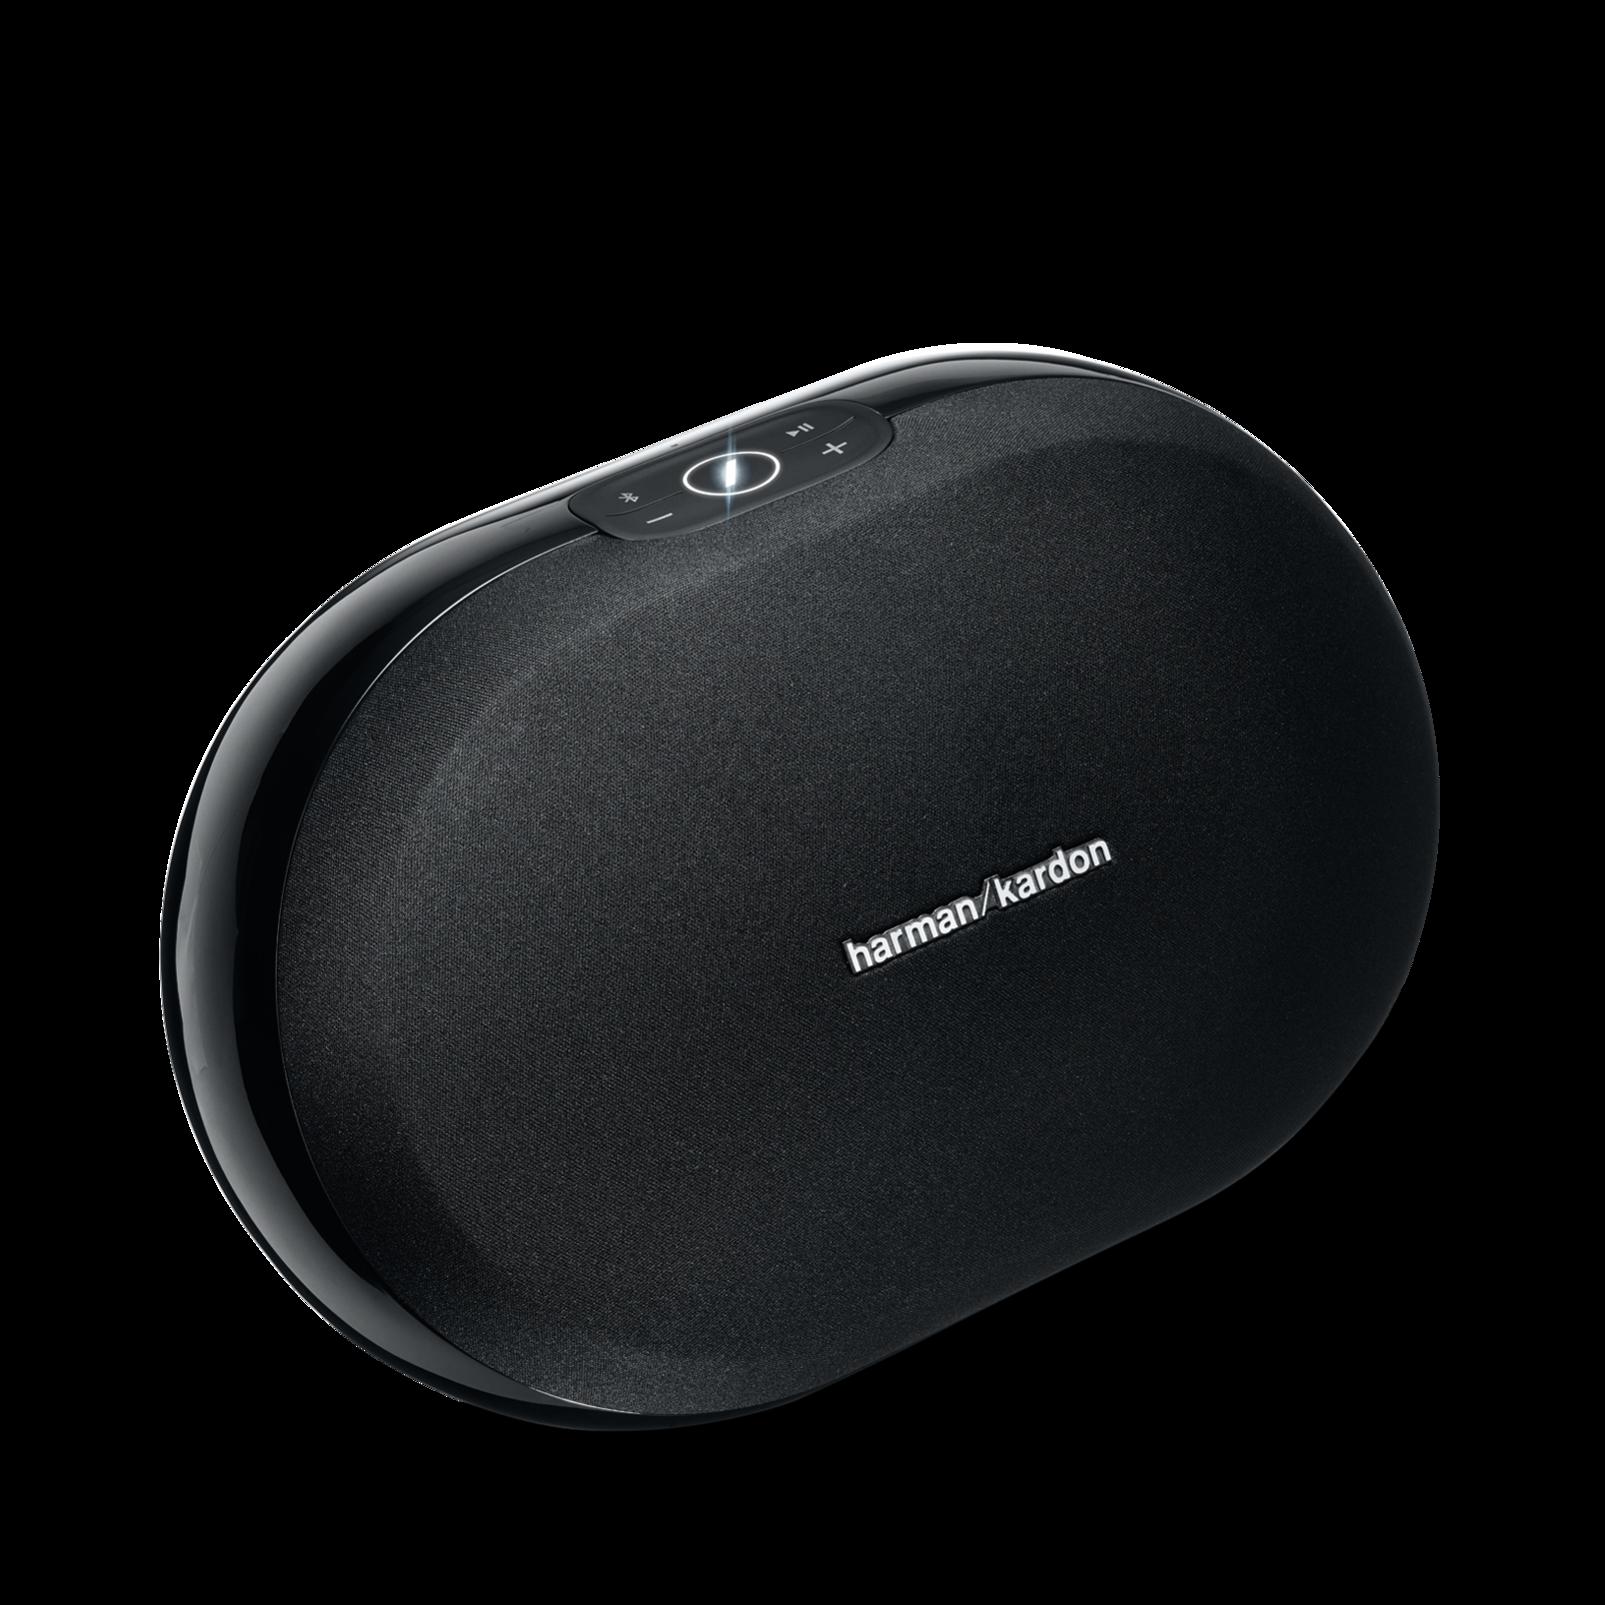 Omni 20 Wireless Hd Stereo Loudspeaker Loudspeaker Wireless Harman Kardon